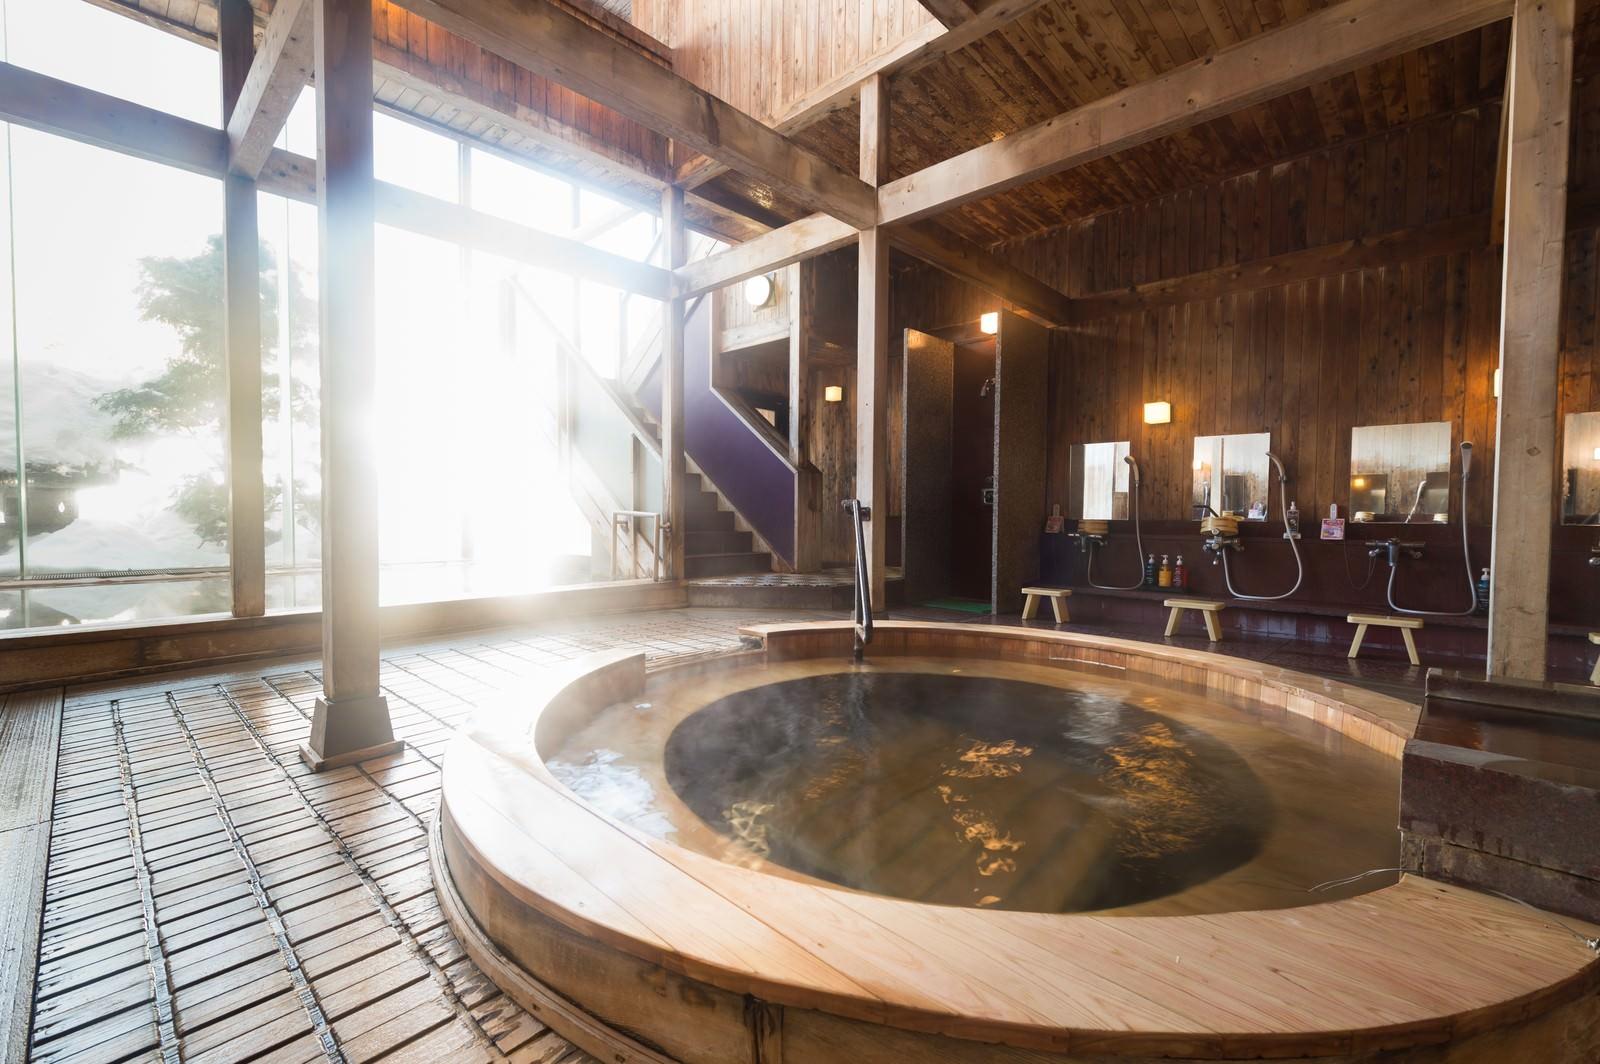 「コウノマキを使用した珍しい源泉かけ流しの浴槽がある岡田旅館の内湯コウノマキを使用した珍しい源泉かけ流しの浴槽がある岡田旅館の内湯」のフリー写真素材を拡大